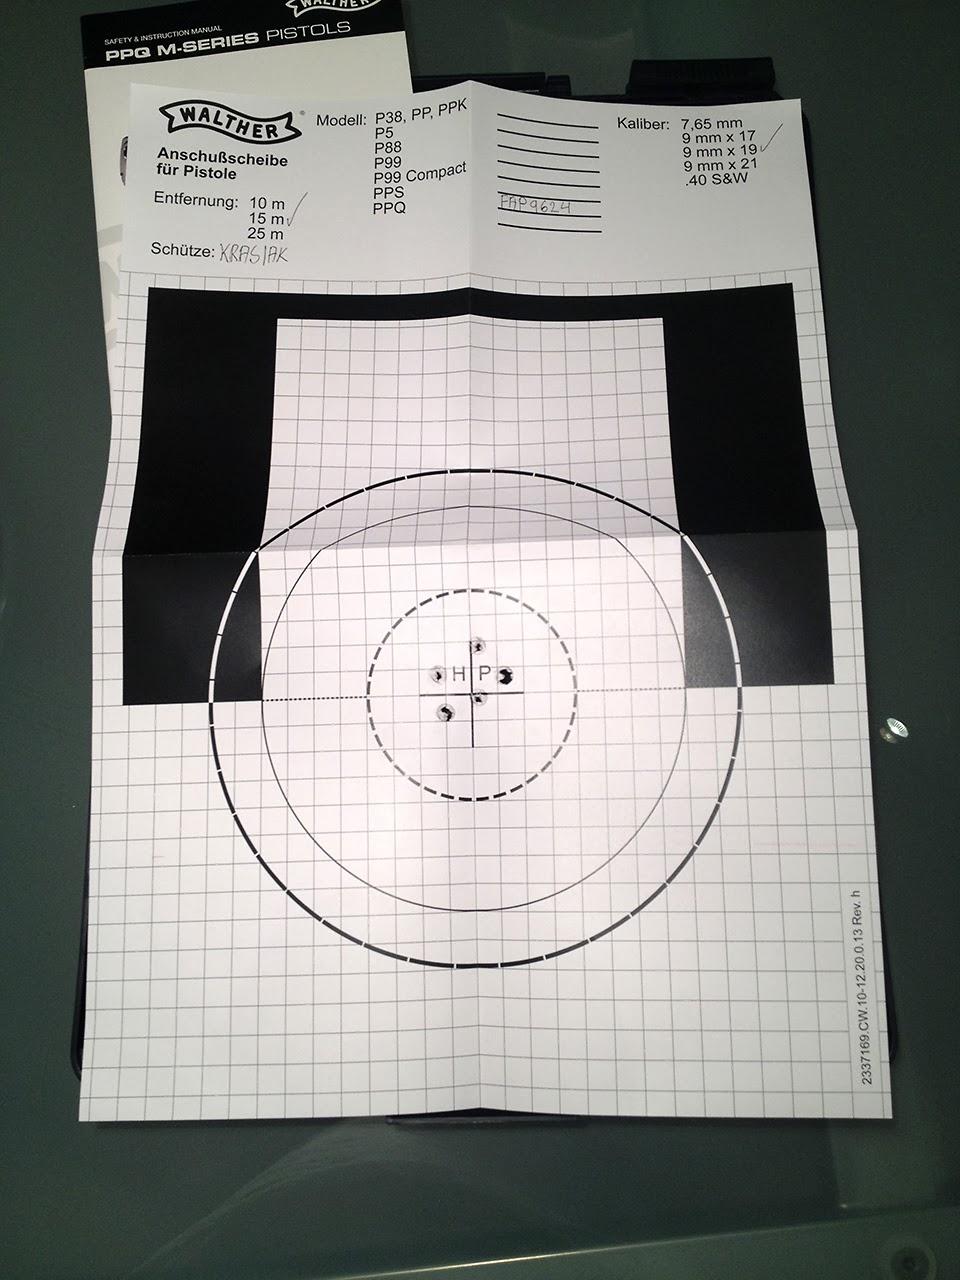 rs_ppq_target_wide_2.jpg